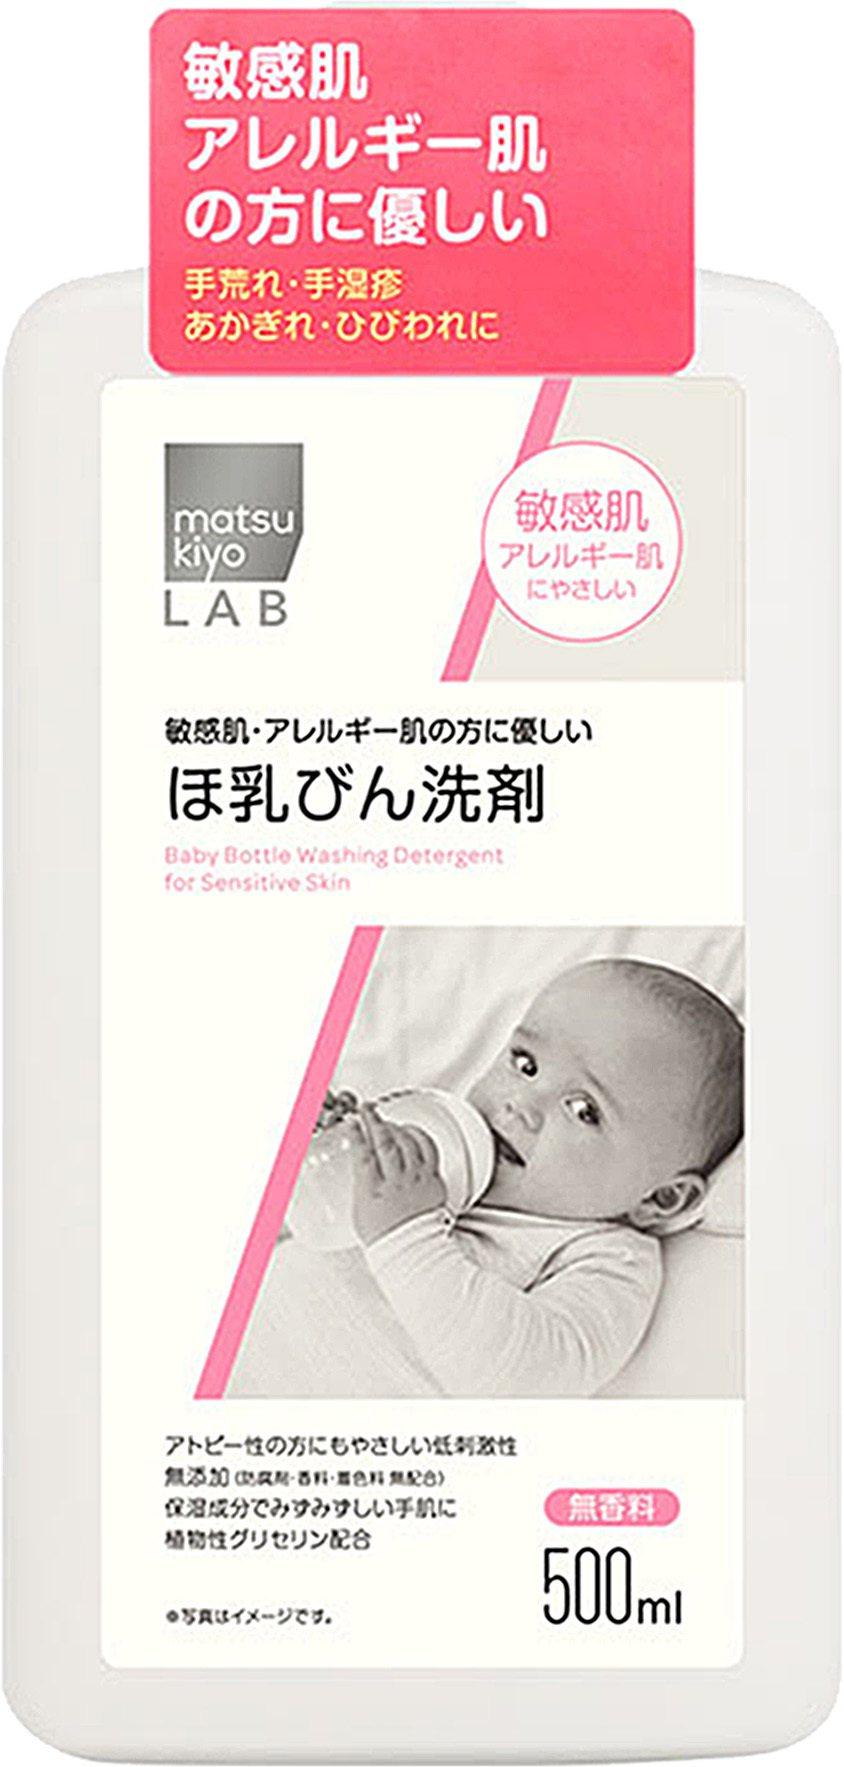 松本清獨家推出MK LAB低敏奶瓶清潔劑500ml,售價119元。圖/松本清提供